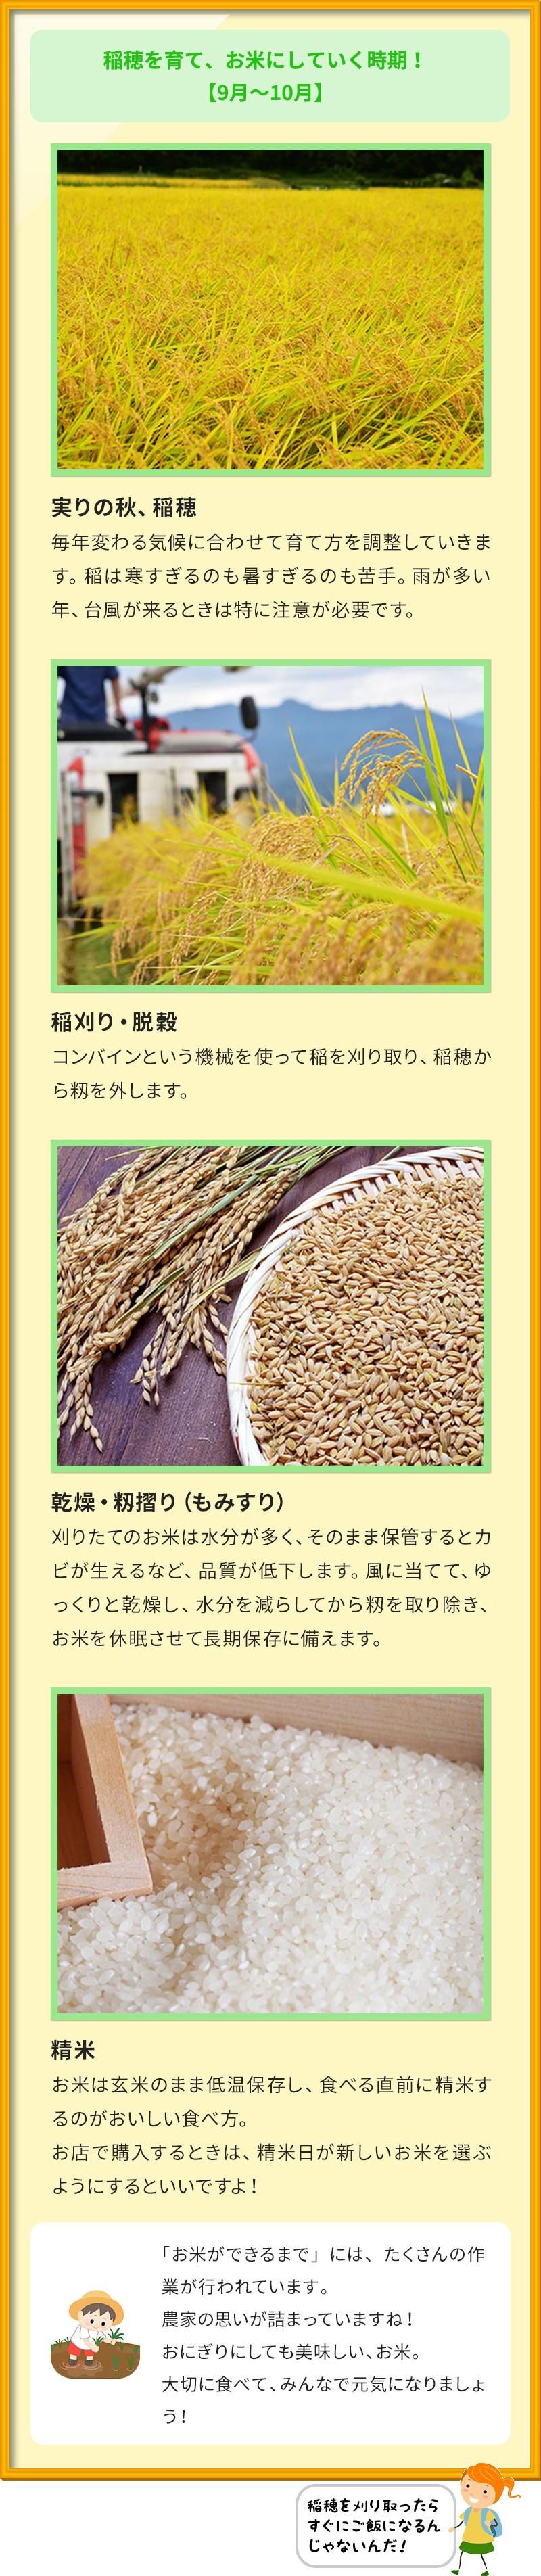 稲穂を育て、お米にしていく時期! 【9月~10月】 実りの秋、稲穂 毎年変わる気候に合わせて育て方を調整していきます。稲は寒すぎるのも暑すぎるのも苦手。雨が多い年、台風が来るときは特に注意が必要です。 稲刈り・脱穀 コンバインという機械を使って稲を刈り取り、稲穂から籾を外します。 乾燥・籾摺り(もみすり) 刈りたてのお米は水分が多く、そのまま保管するとカビが生えるなど、品質が低下します。風に当てて、ゆっくりと乾燥し、水分を減らしてから籾を取り除き、お米を休眠させて長期保存に備えます。 精米 お米は玄米のまま低温保存し、食べる直前に精米するのがおいしい食べ方。 お店で購入するときは、精米日が新しいお米を選ぶようにするといいですよ! 「お米ができるまで」には、たくさんの作業が行われています。 農家の思いが詰まっていますね! おにぎりにしても美味しい、お米。 大切に食べて、みんなで元気になりましょう!